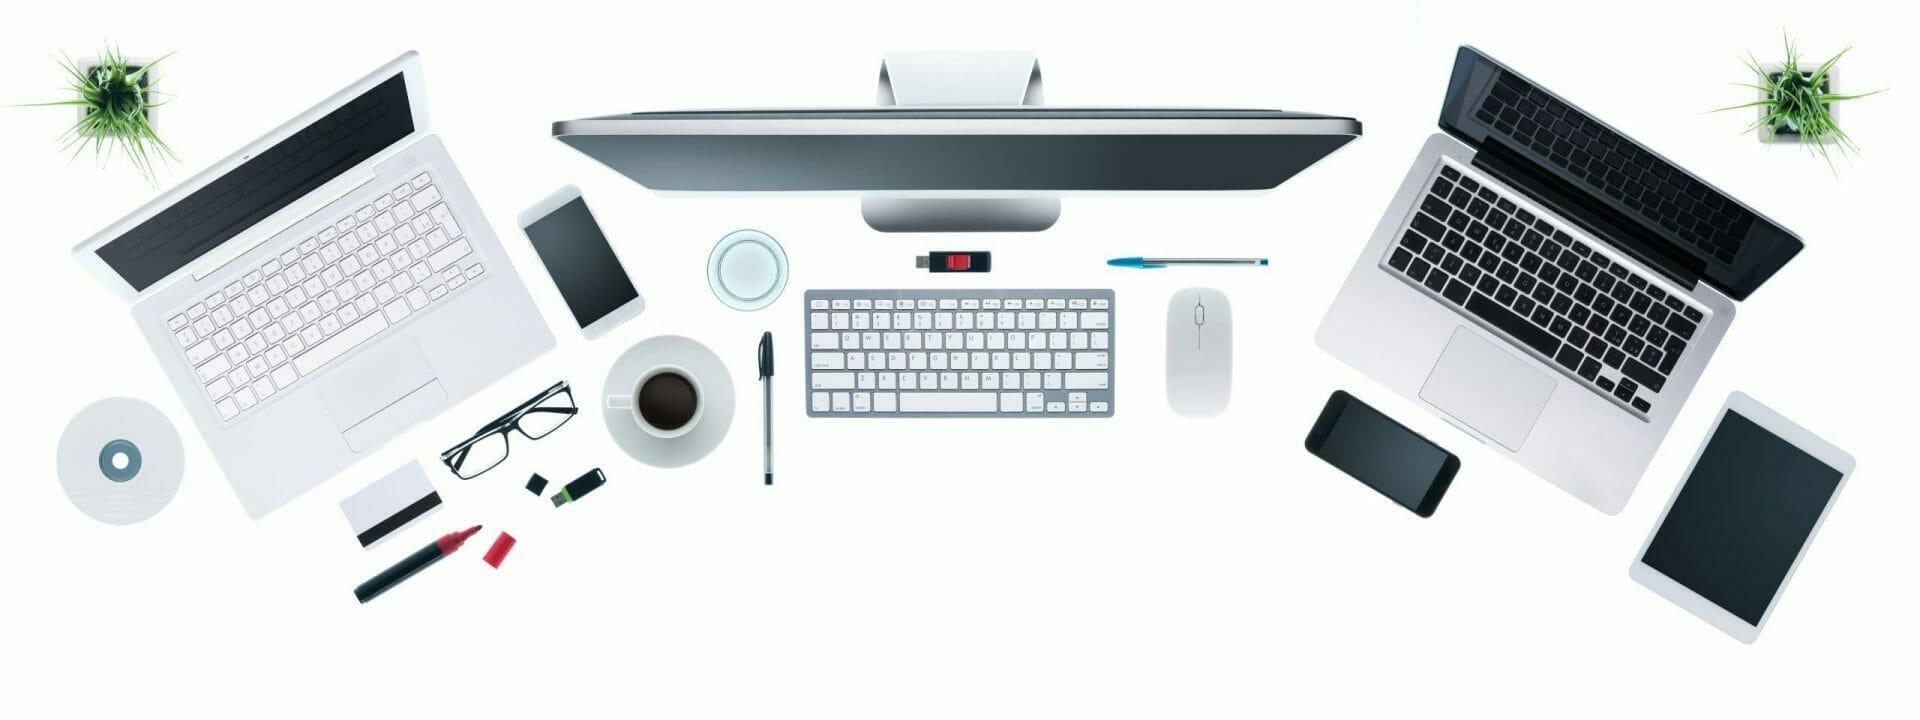 hi tech business desktop